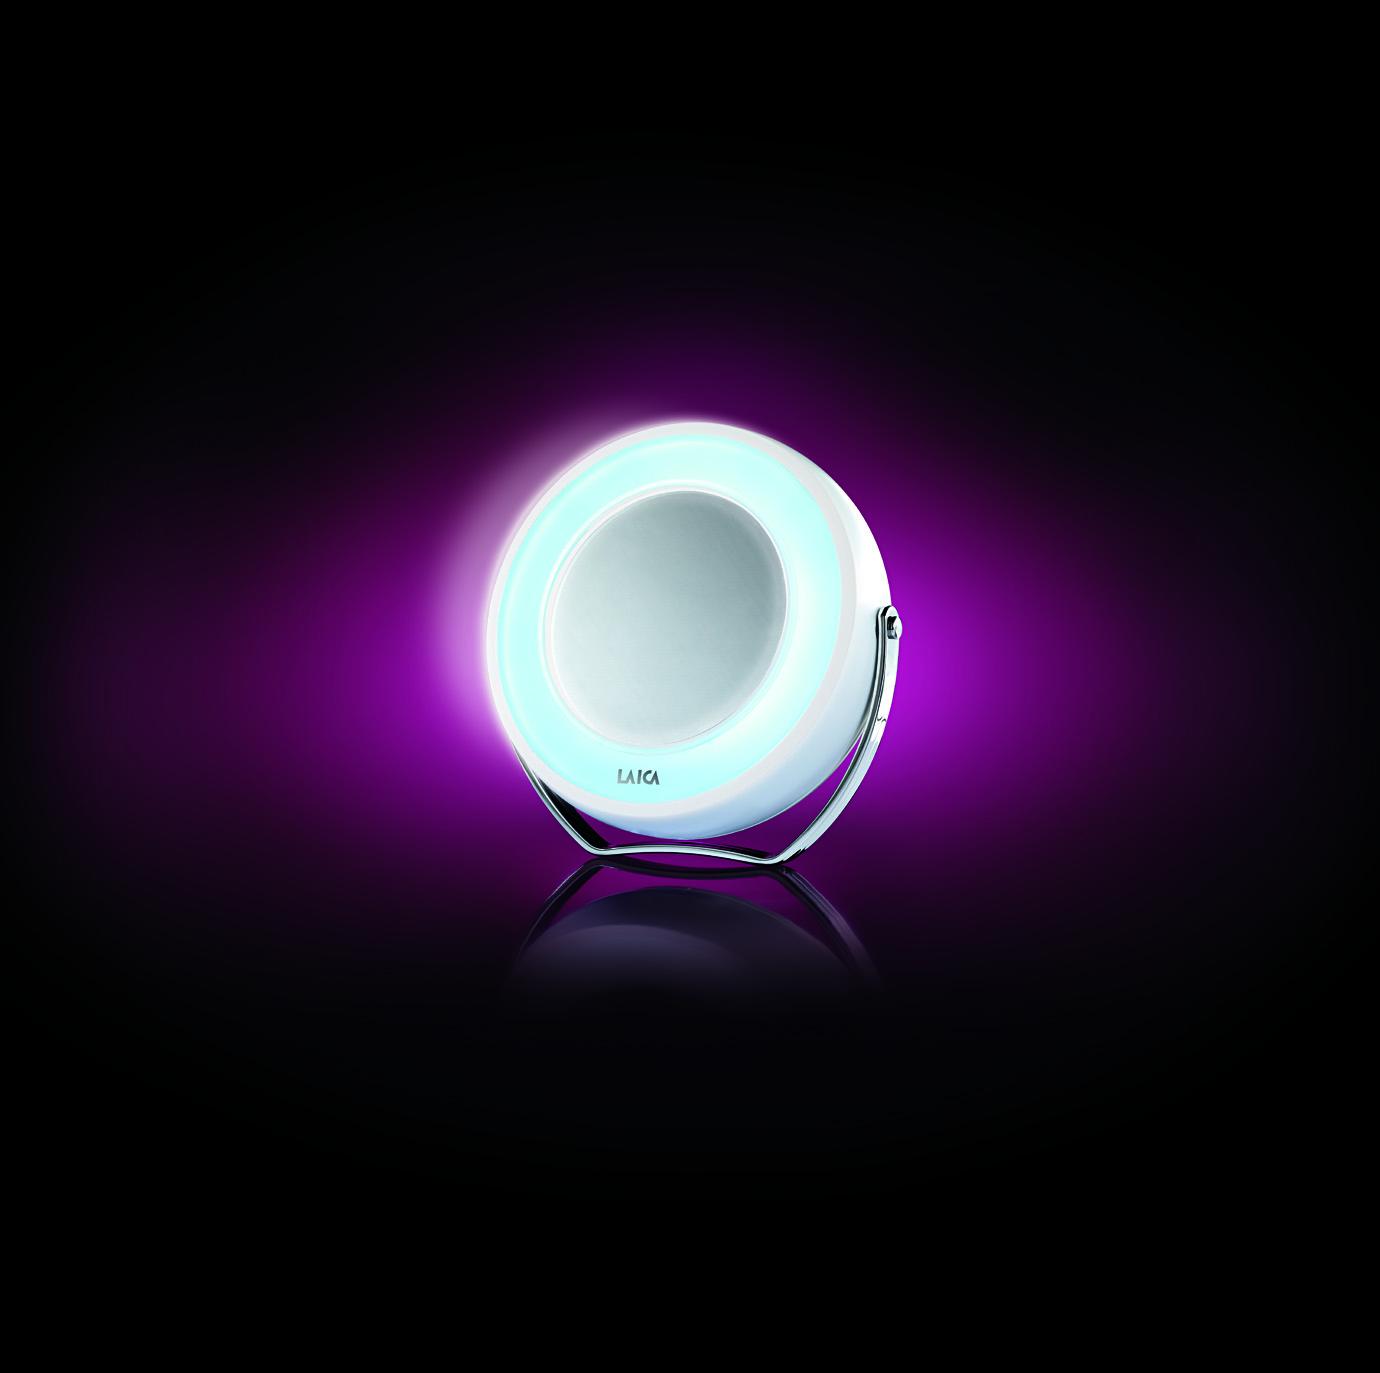 Oglinda cu iluminare LED Laica PC5002 laicashop.ro 2021